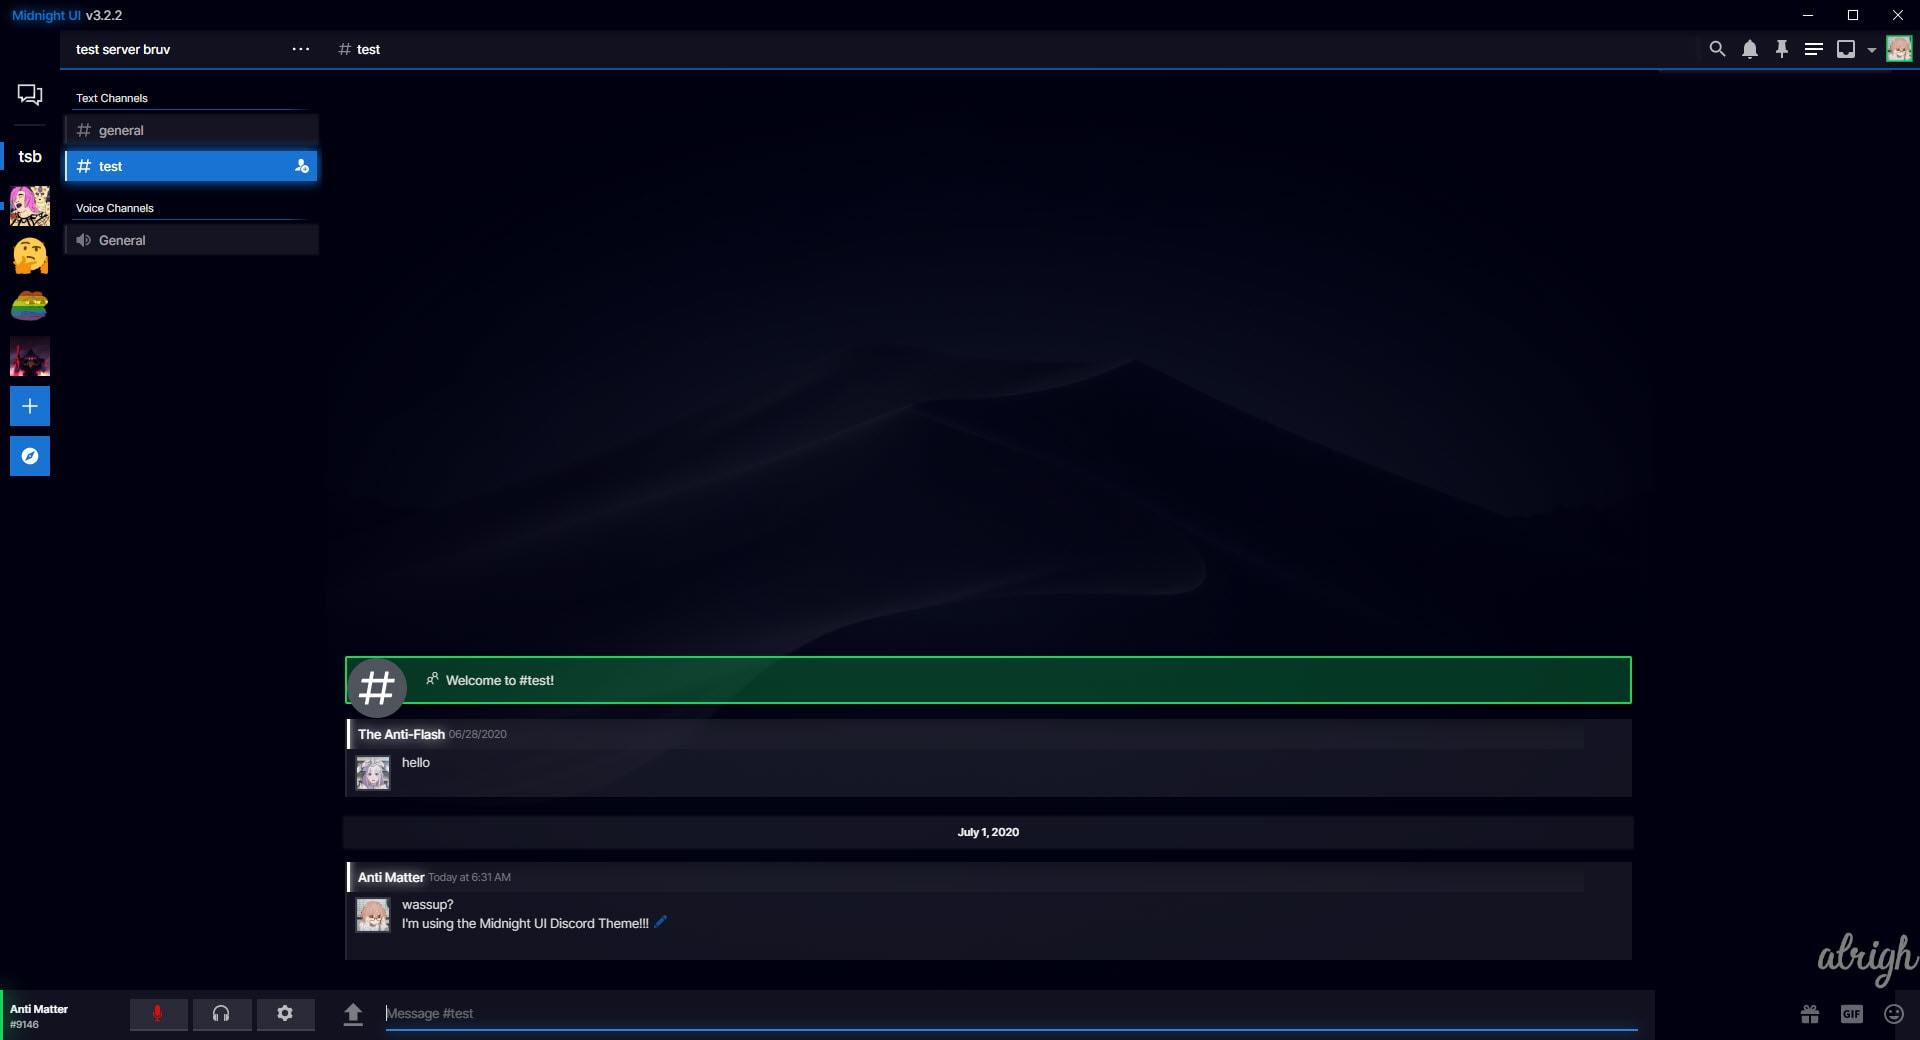 Midnight UI Discord Theme